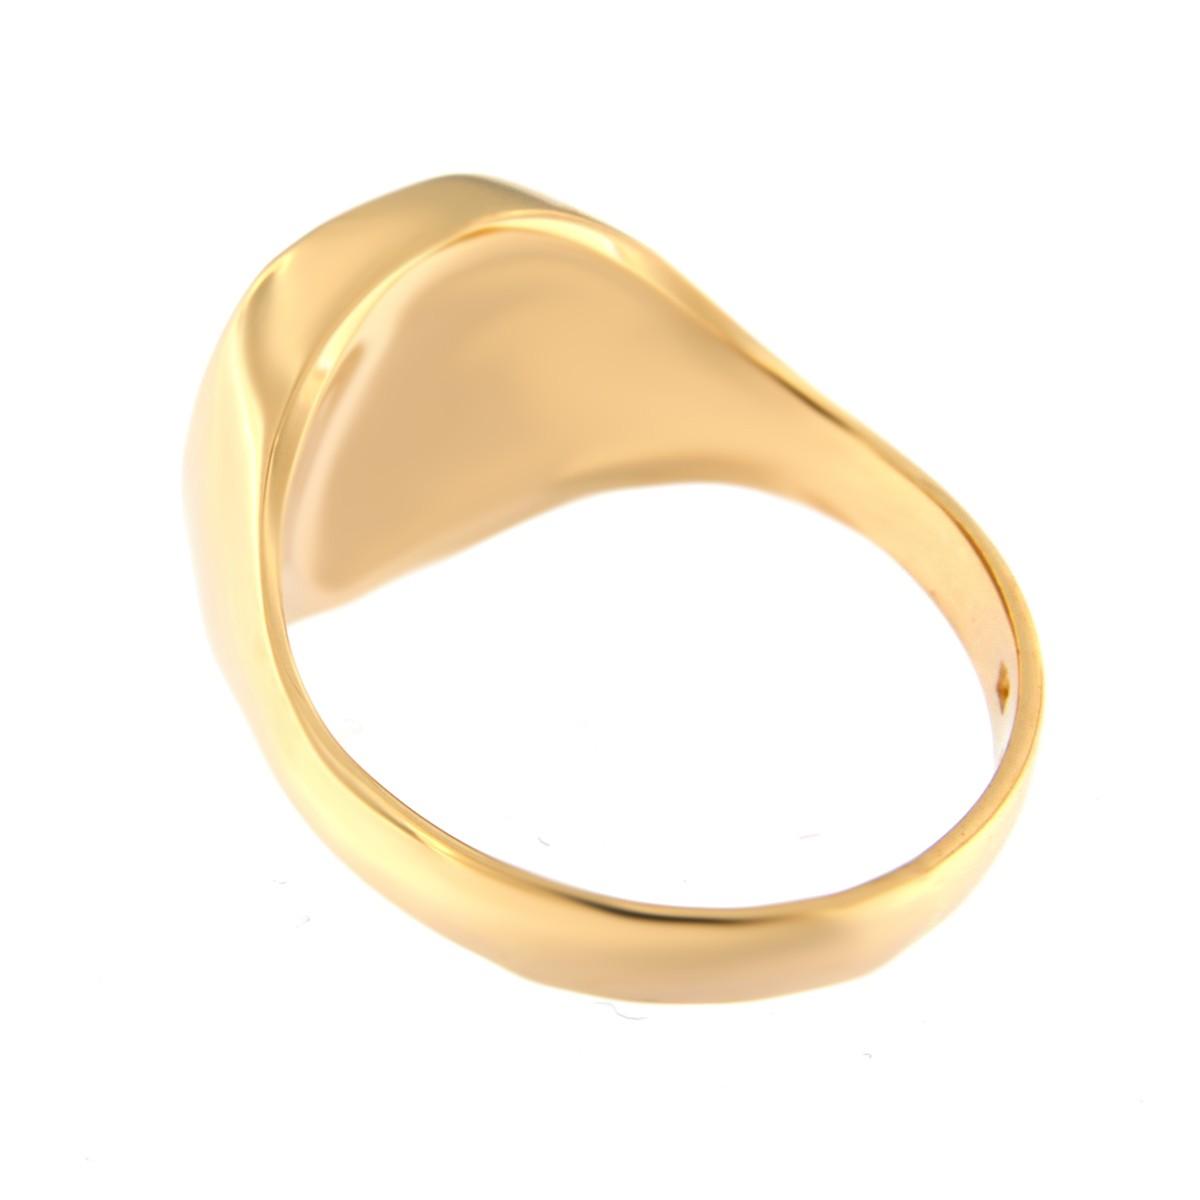 Kullast klotser oonüksiga Kood: rn0123tr taga